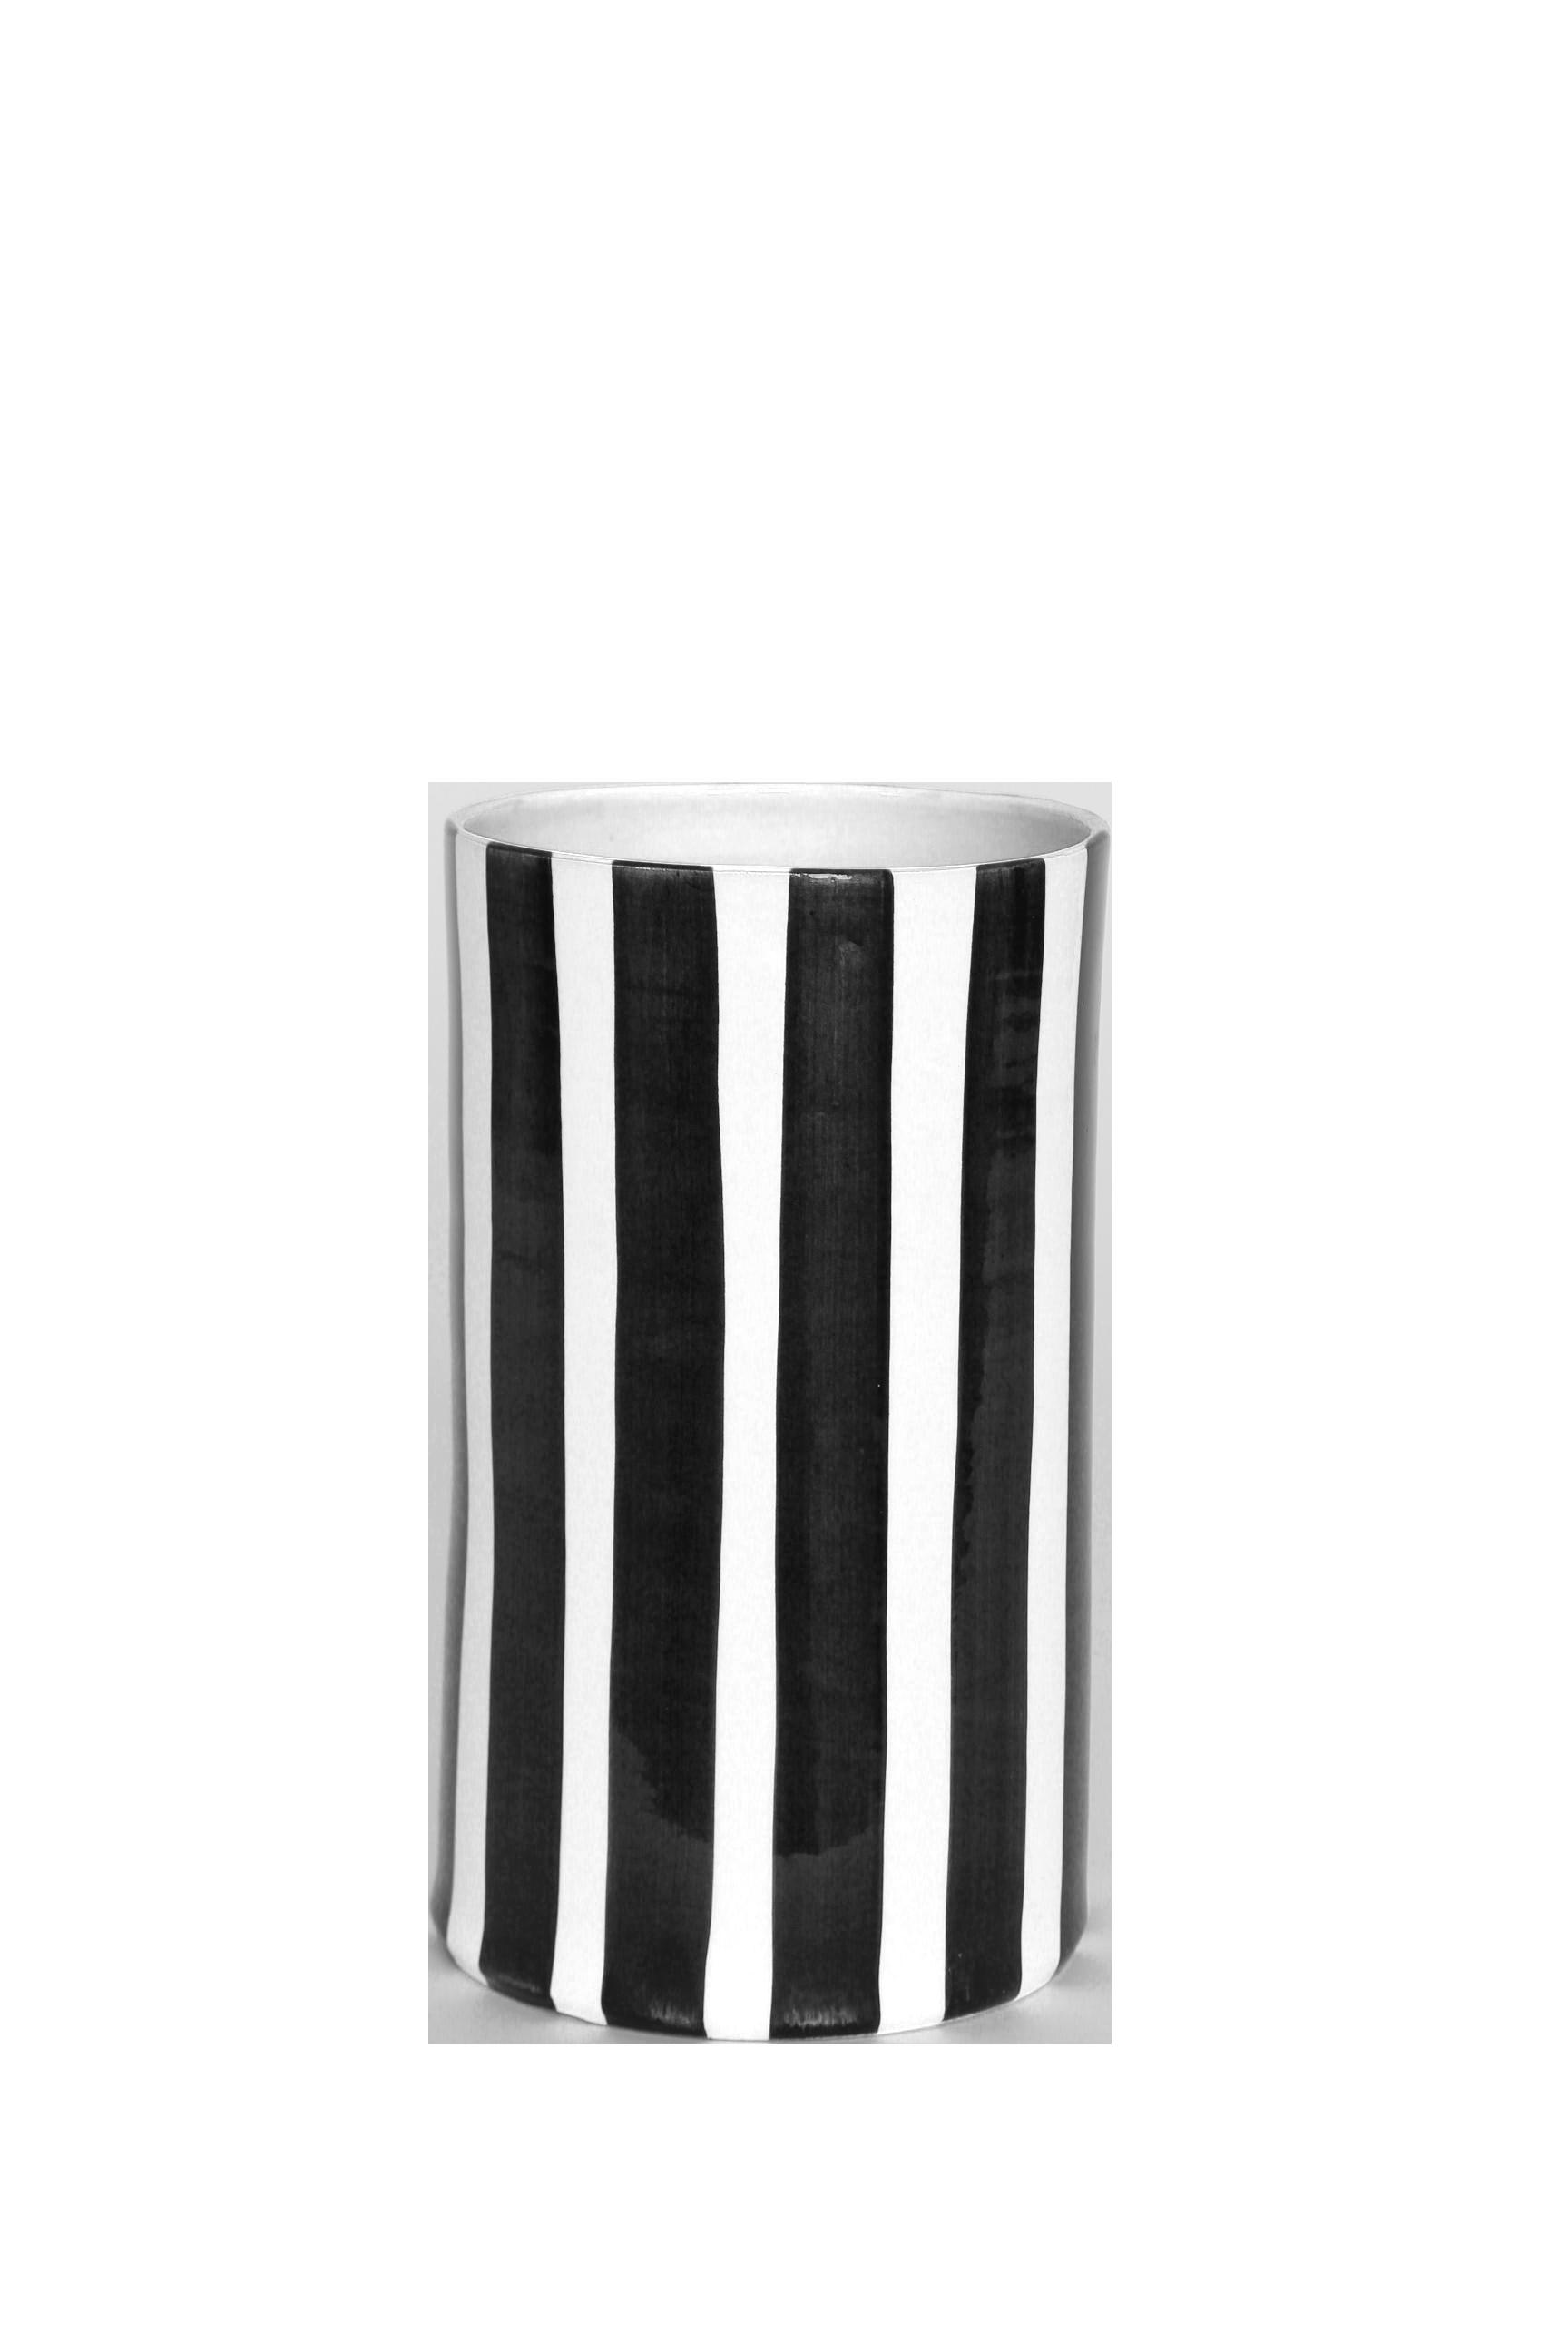 Striped Vase - Handmade in Portugal